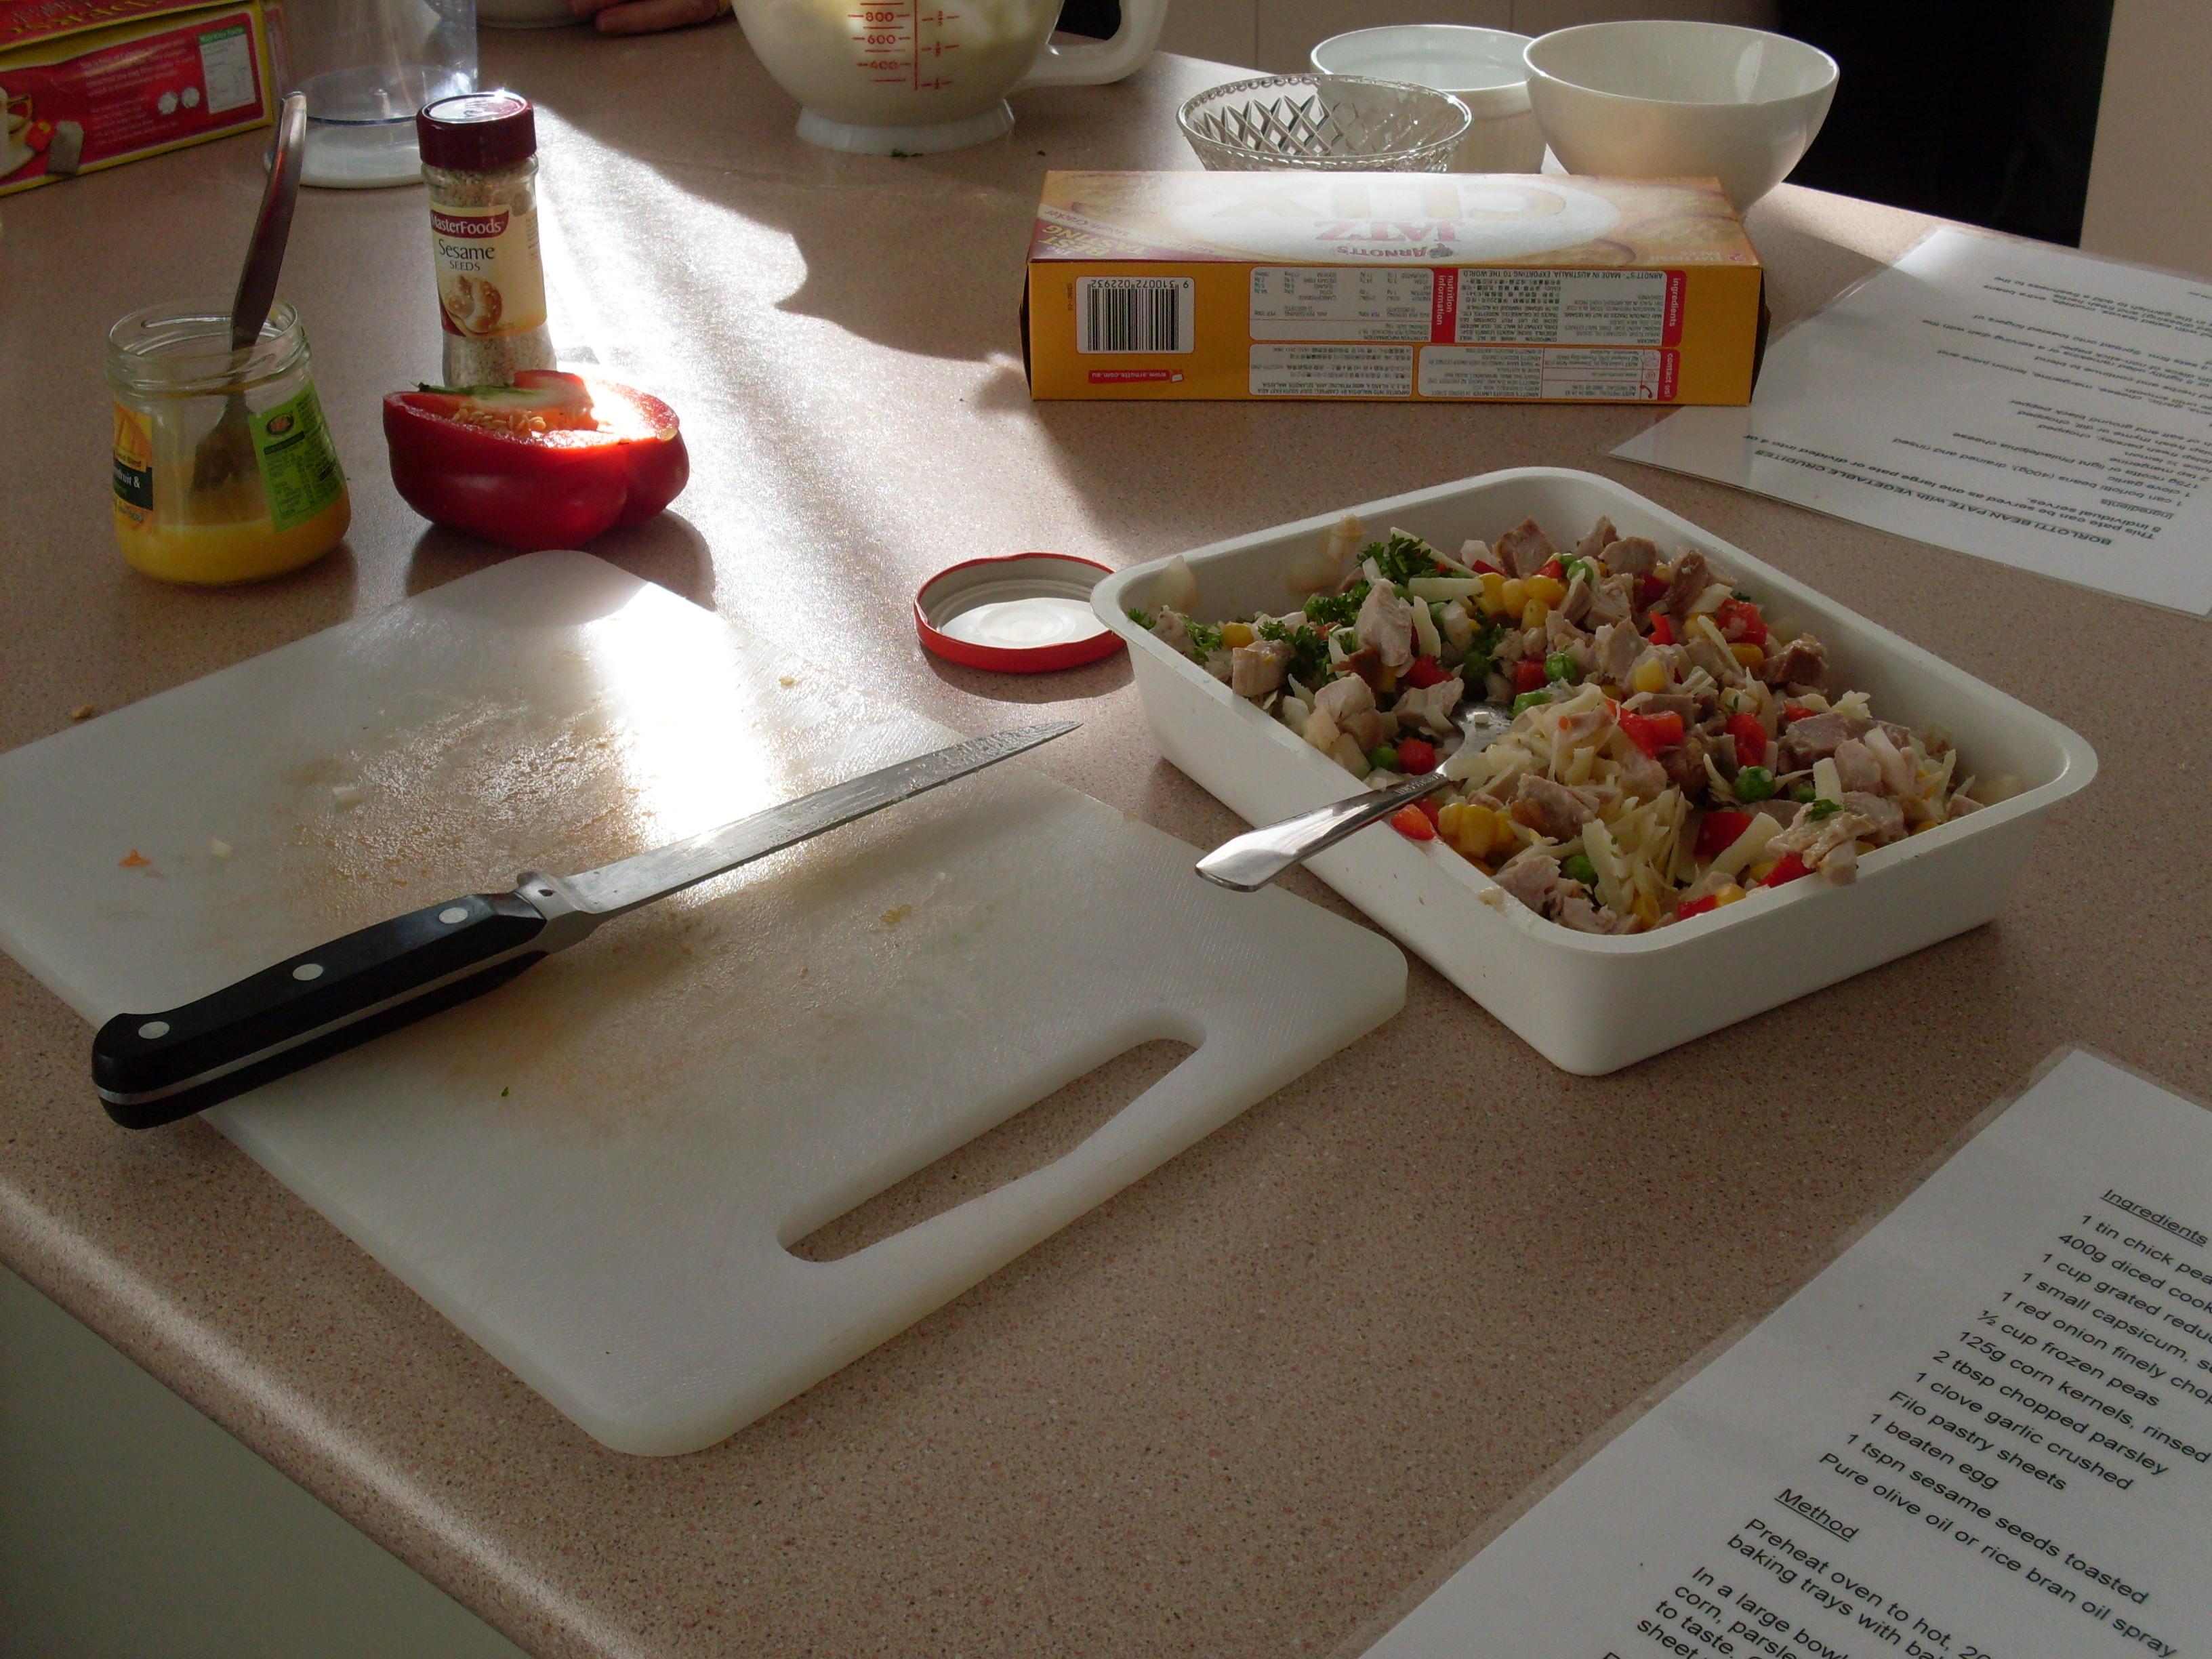 Chicken mixture